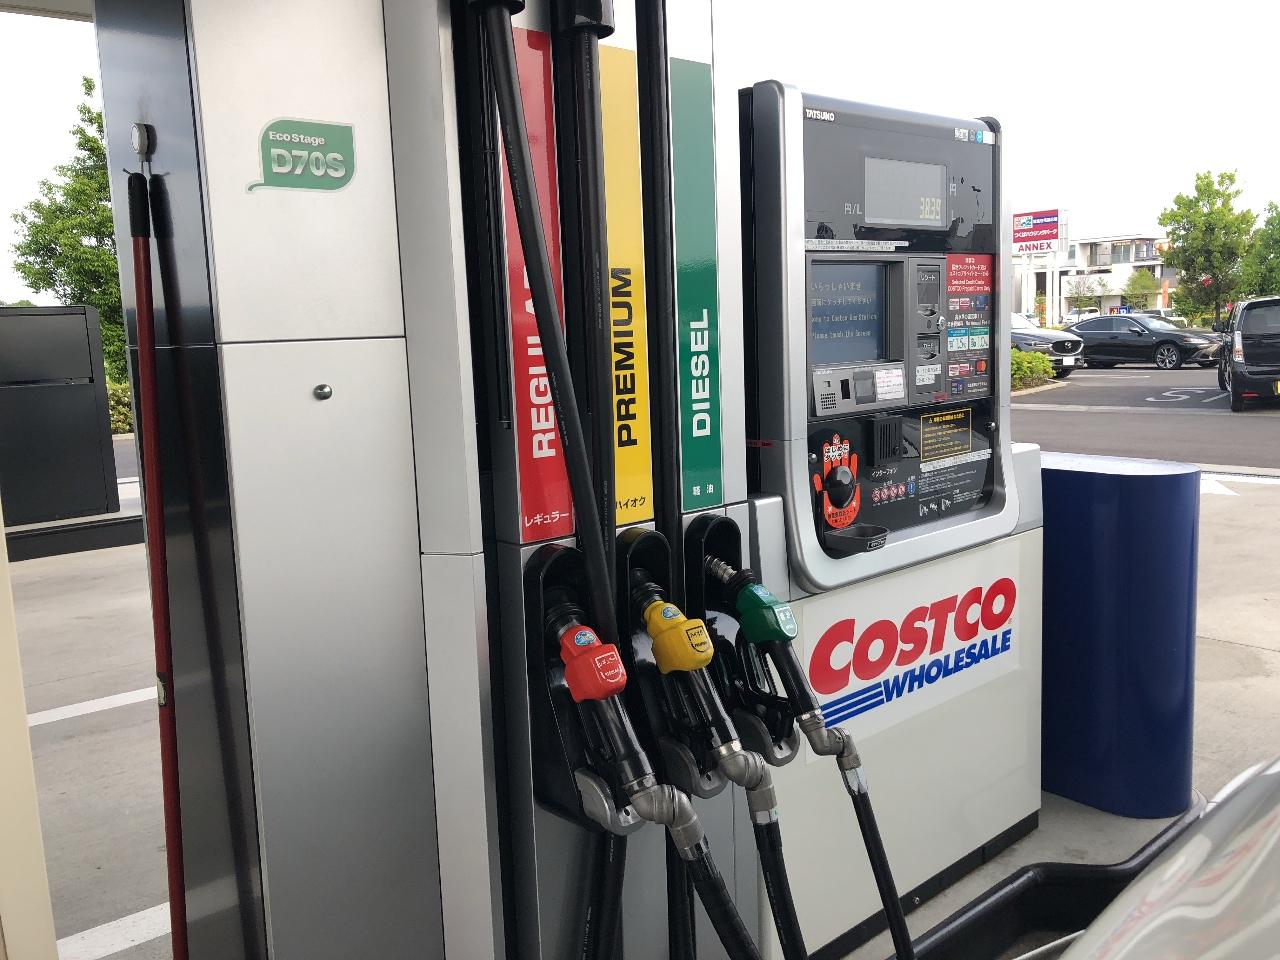 コストコのガソリン その安さと秘密 価格・品質・支払方法について詳しく解説